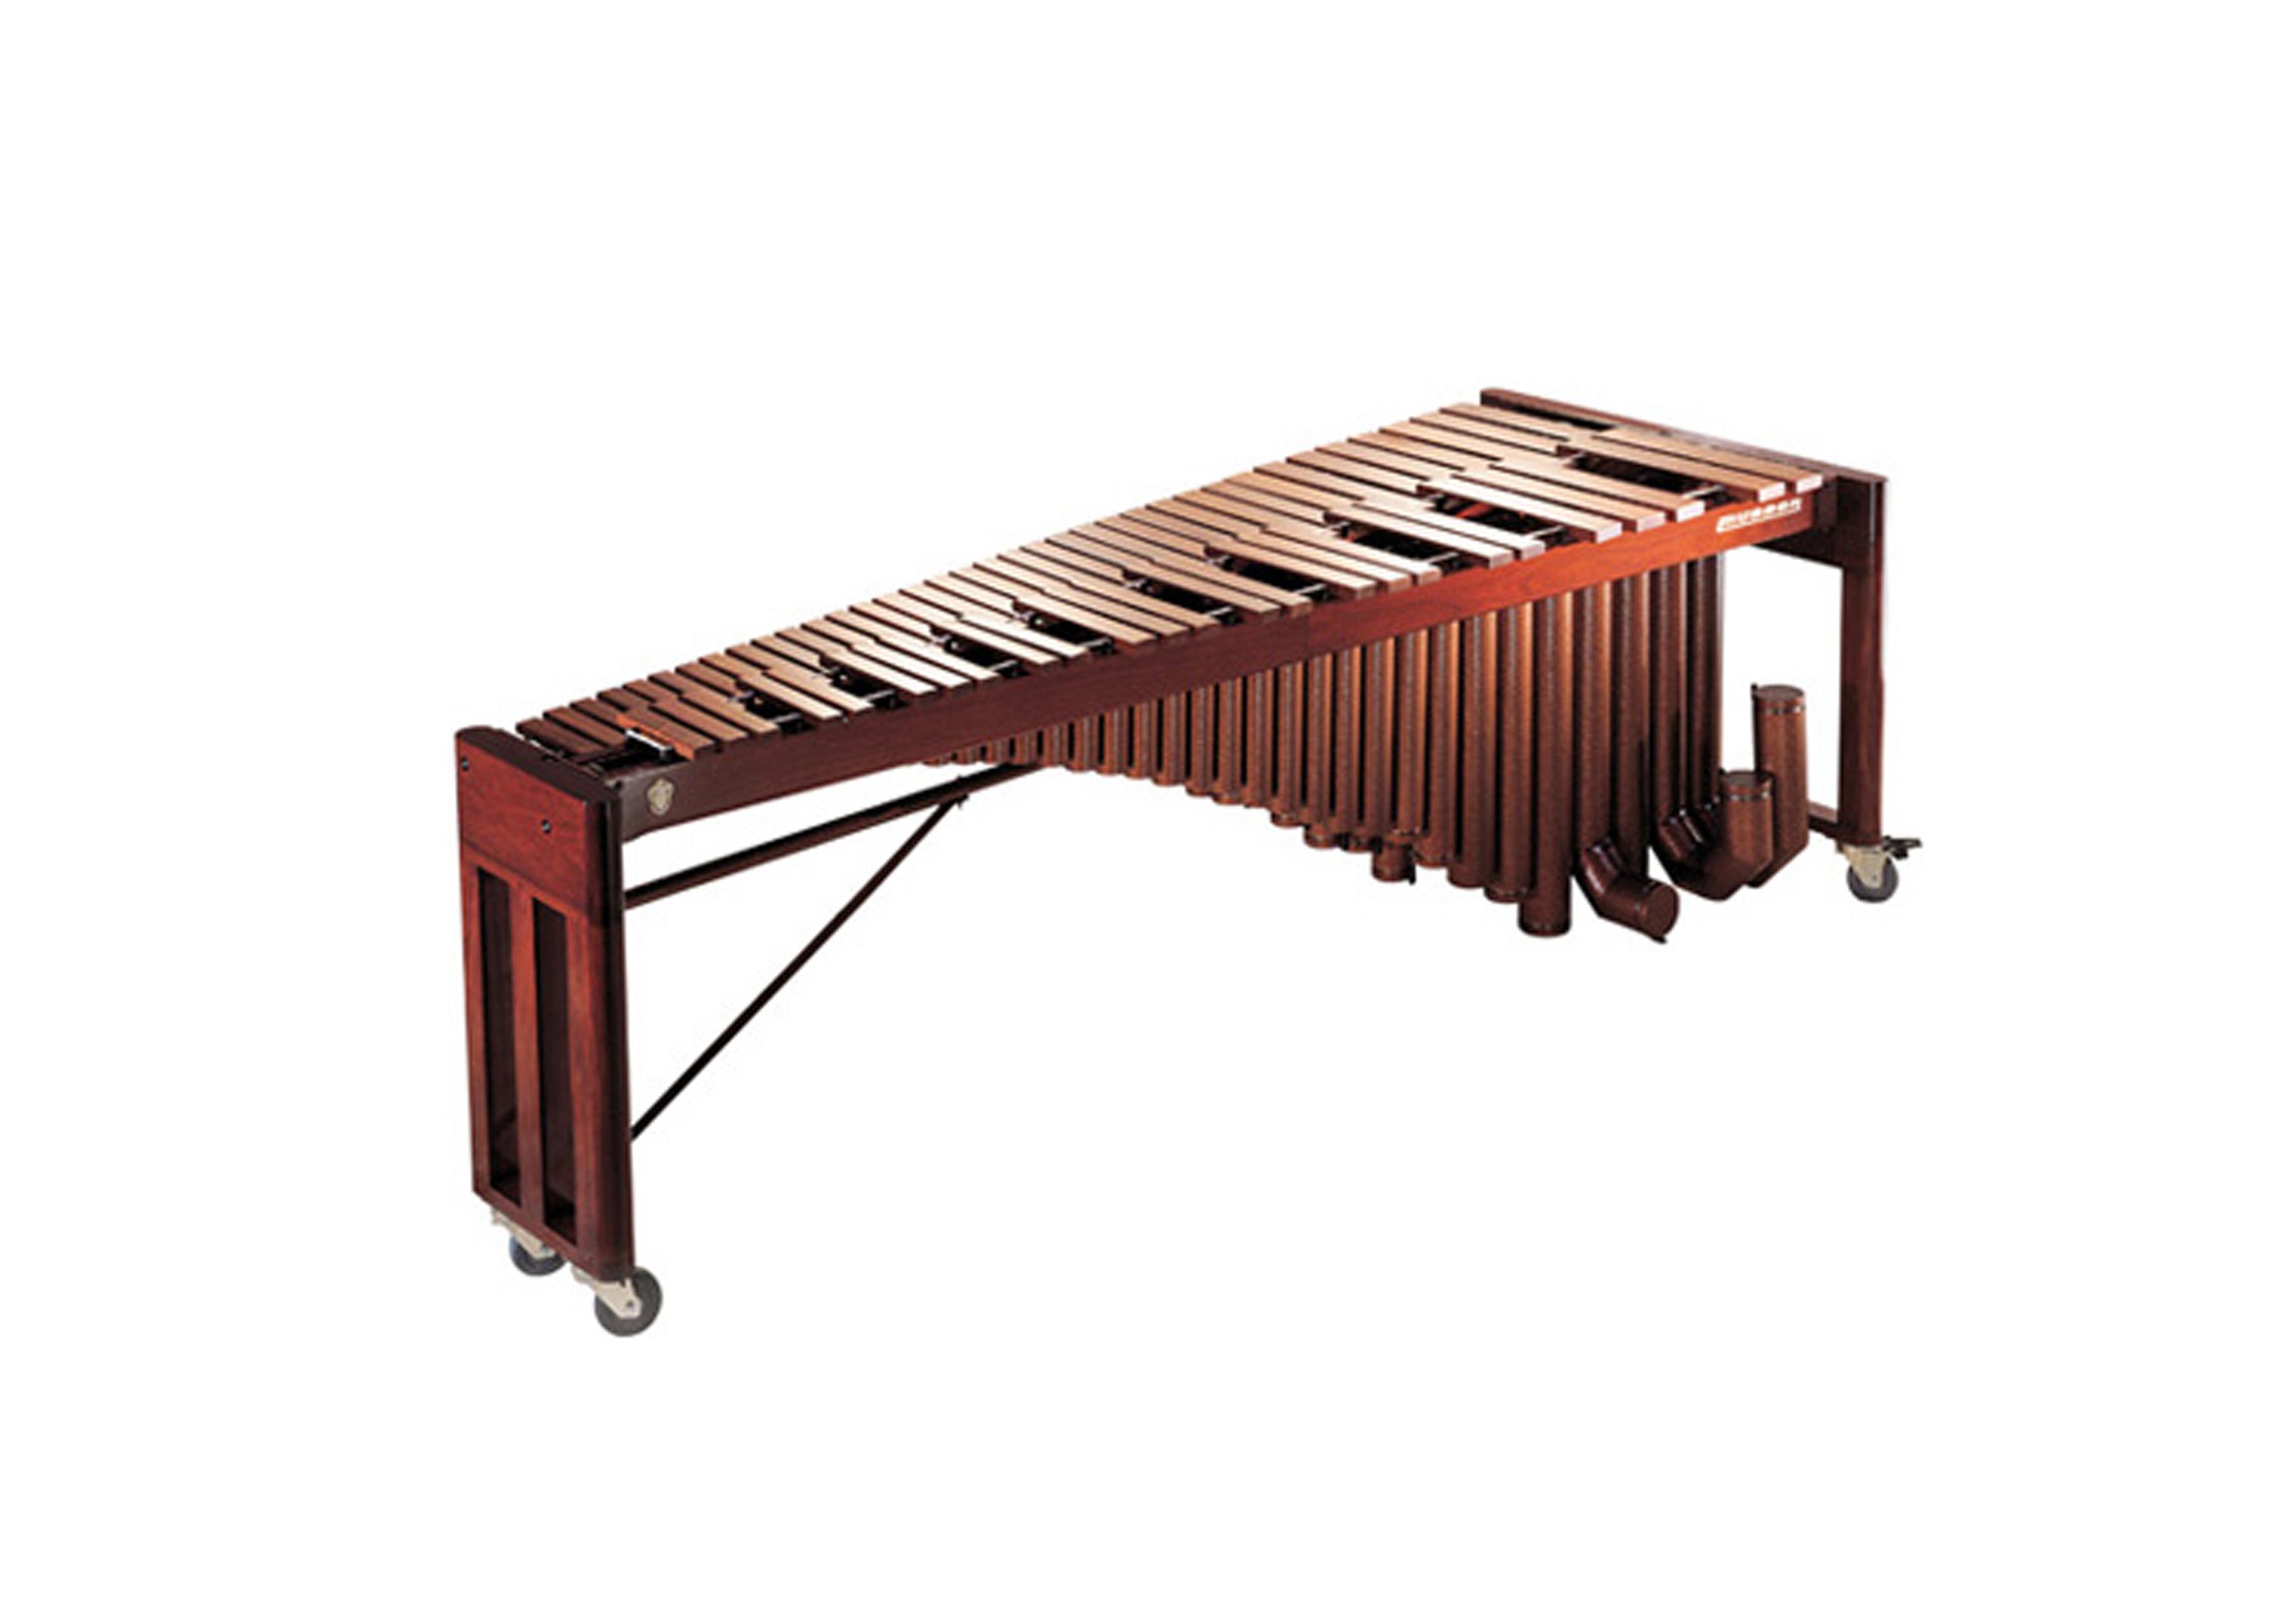 Musser Marimba